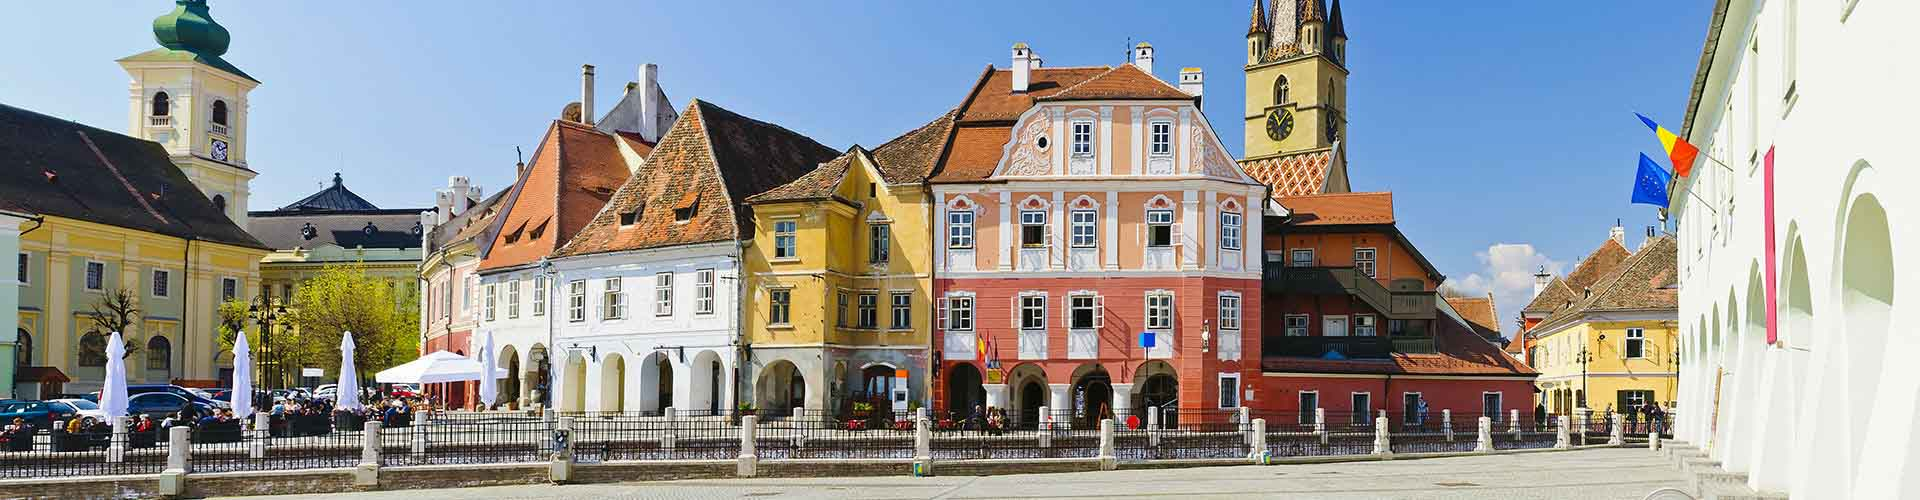 Sibiu - Auberges de jeunesse à Sibiu. Cartes pour Sibiu, photos et commentaires pour chaque auberge de jeunesse à Sibiu.